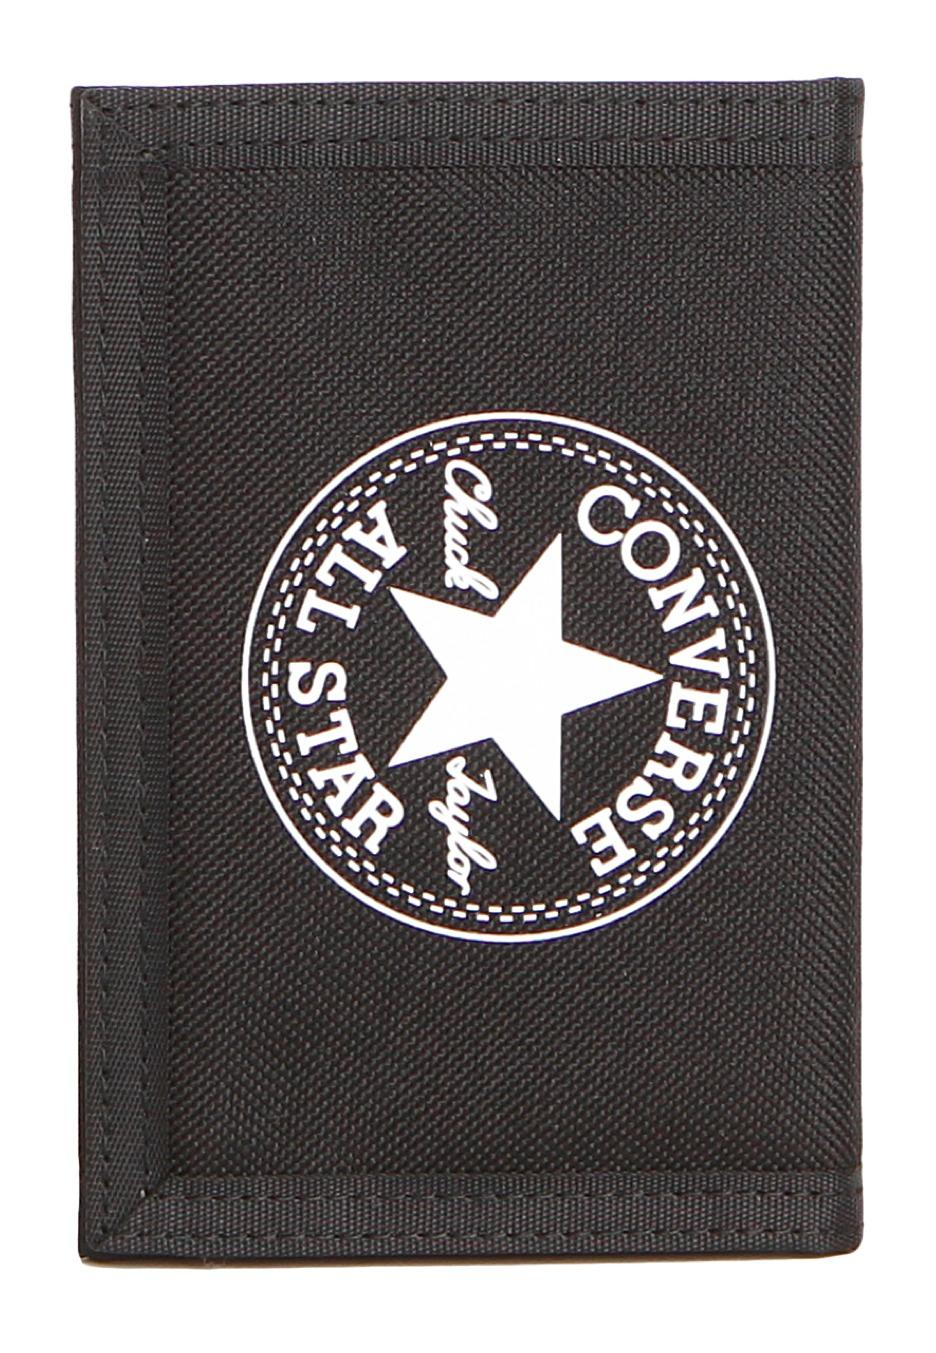 Converse - Classic Velcro - Wallet - Impericon.com UK 00a9e8aeb9